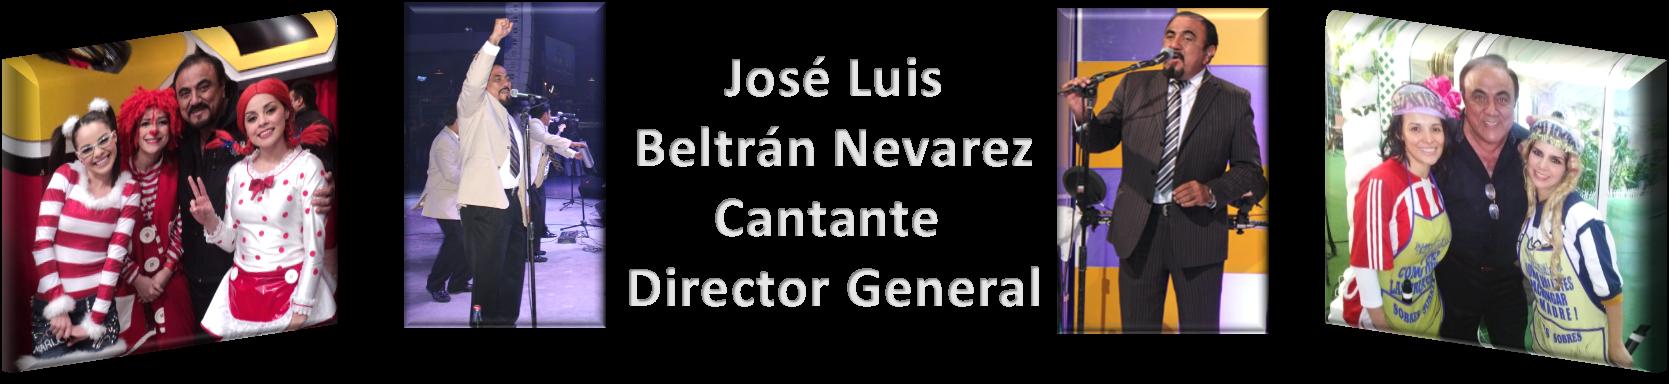 José Luis Beltrán Nevarez